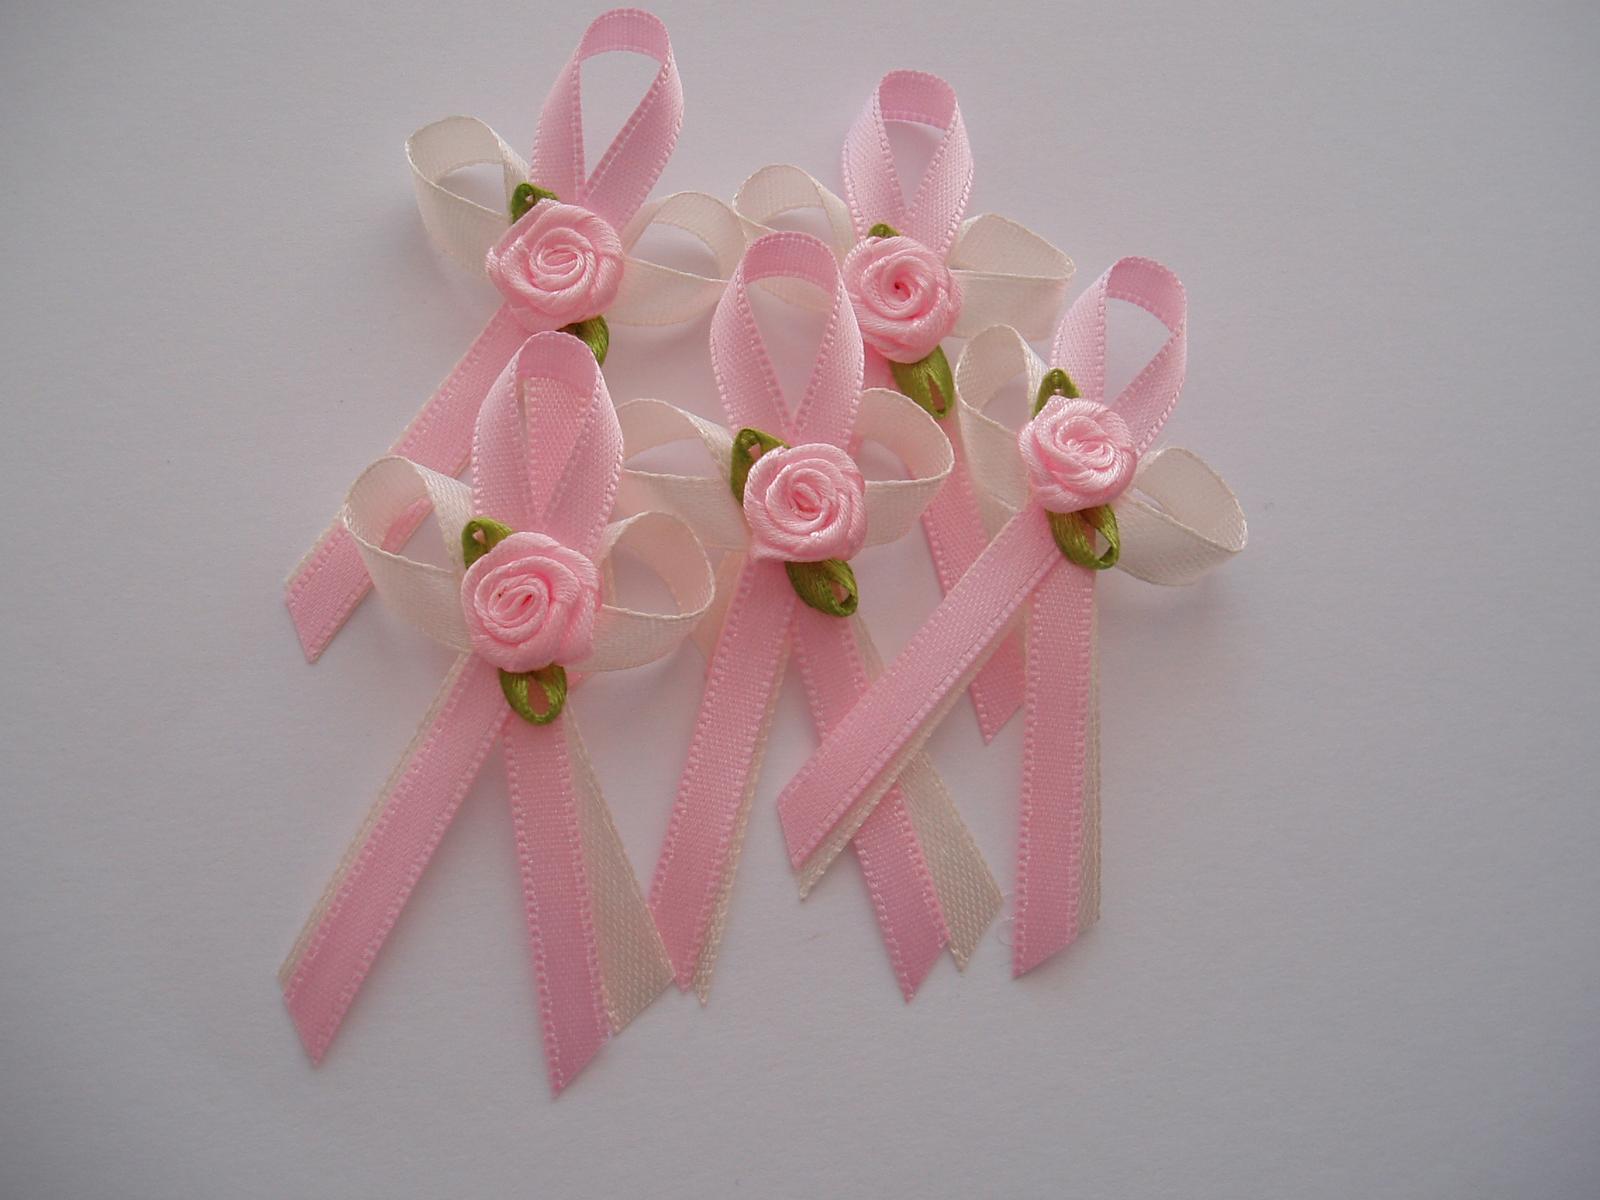 vývazek smetanovo-růžový - Obrázek č. 1